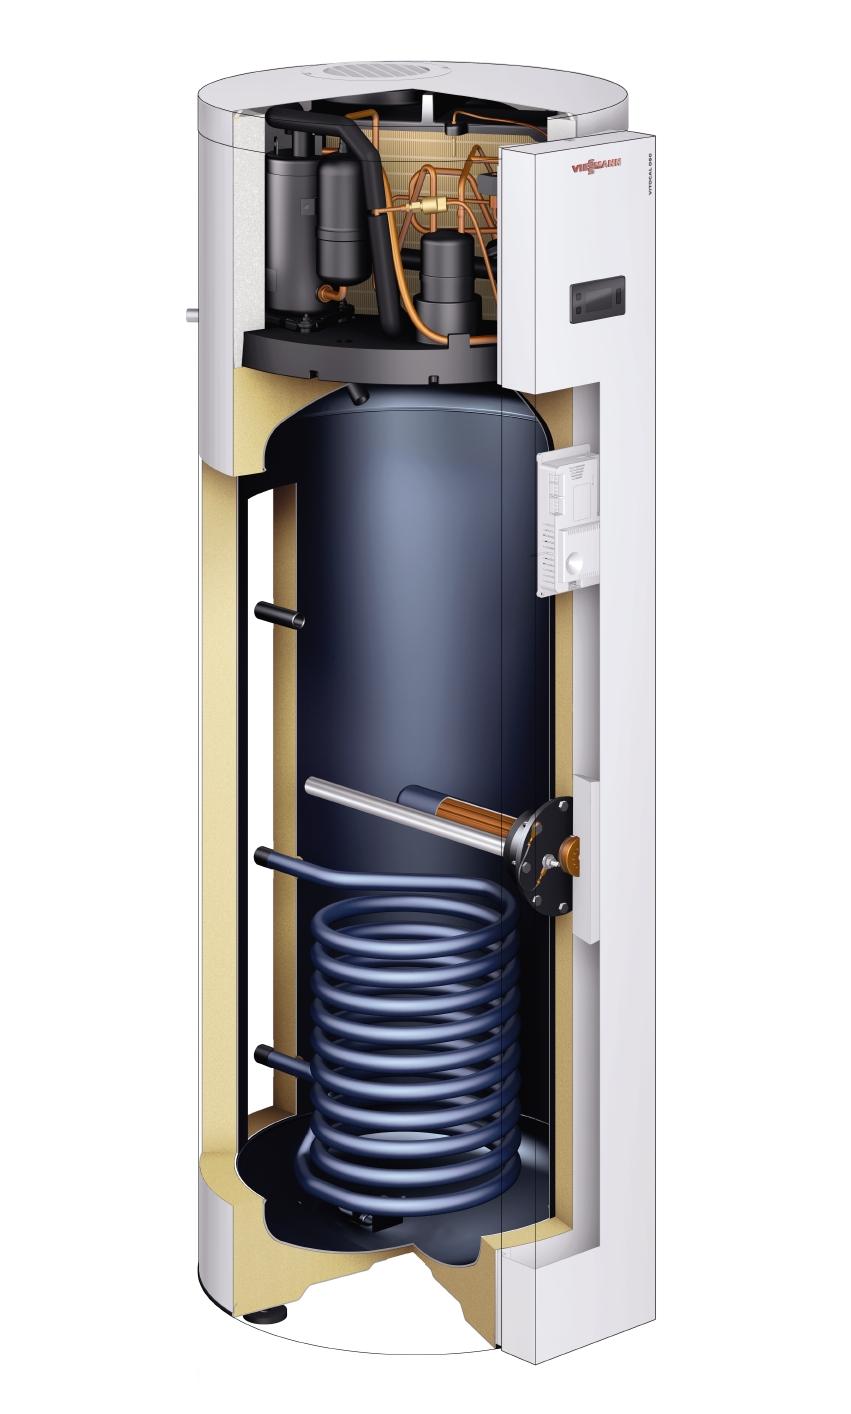 Chauffe-eau Termodynamique | EnergyGo 1